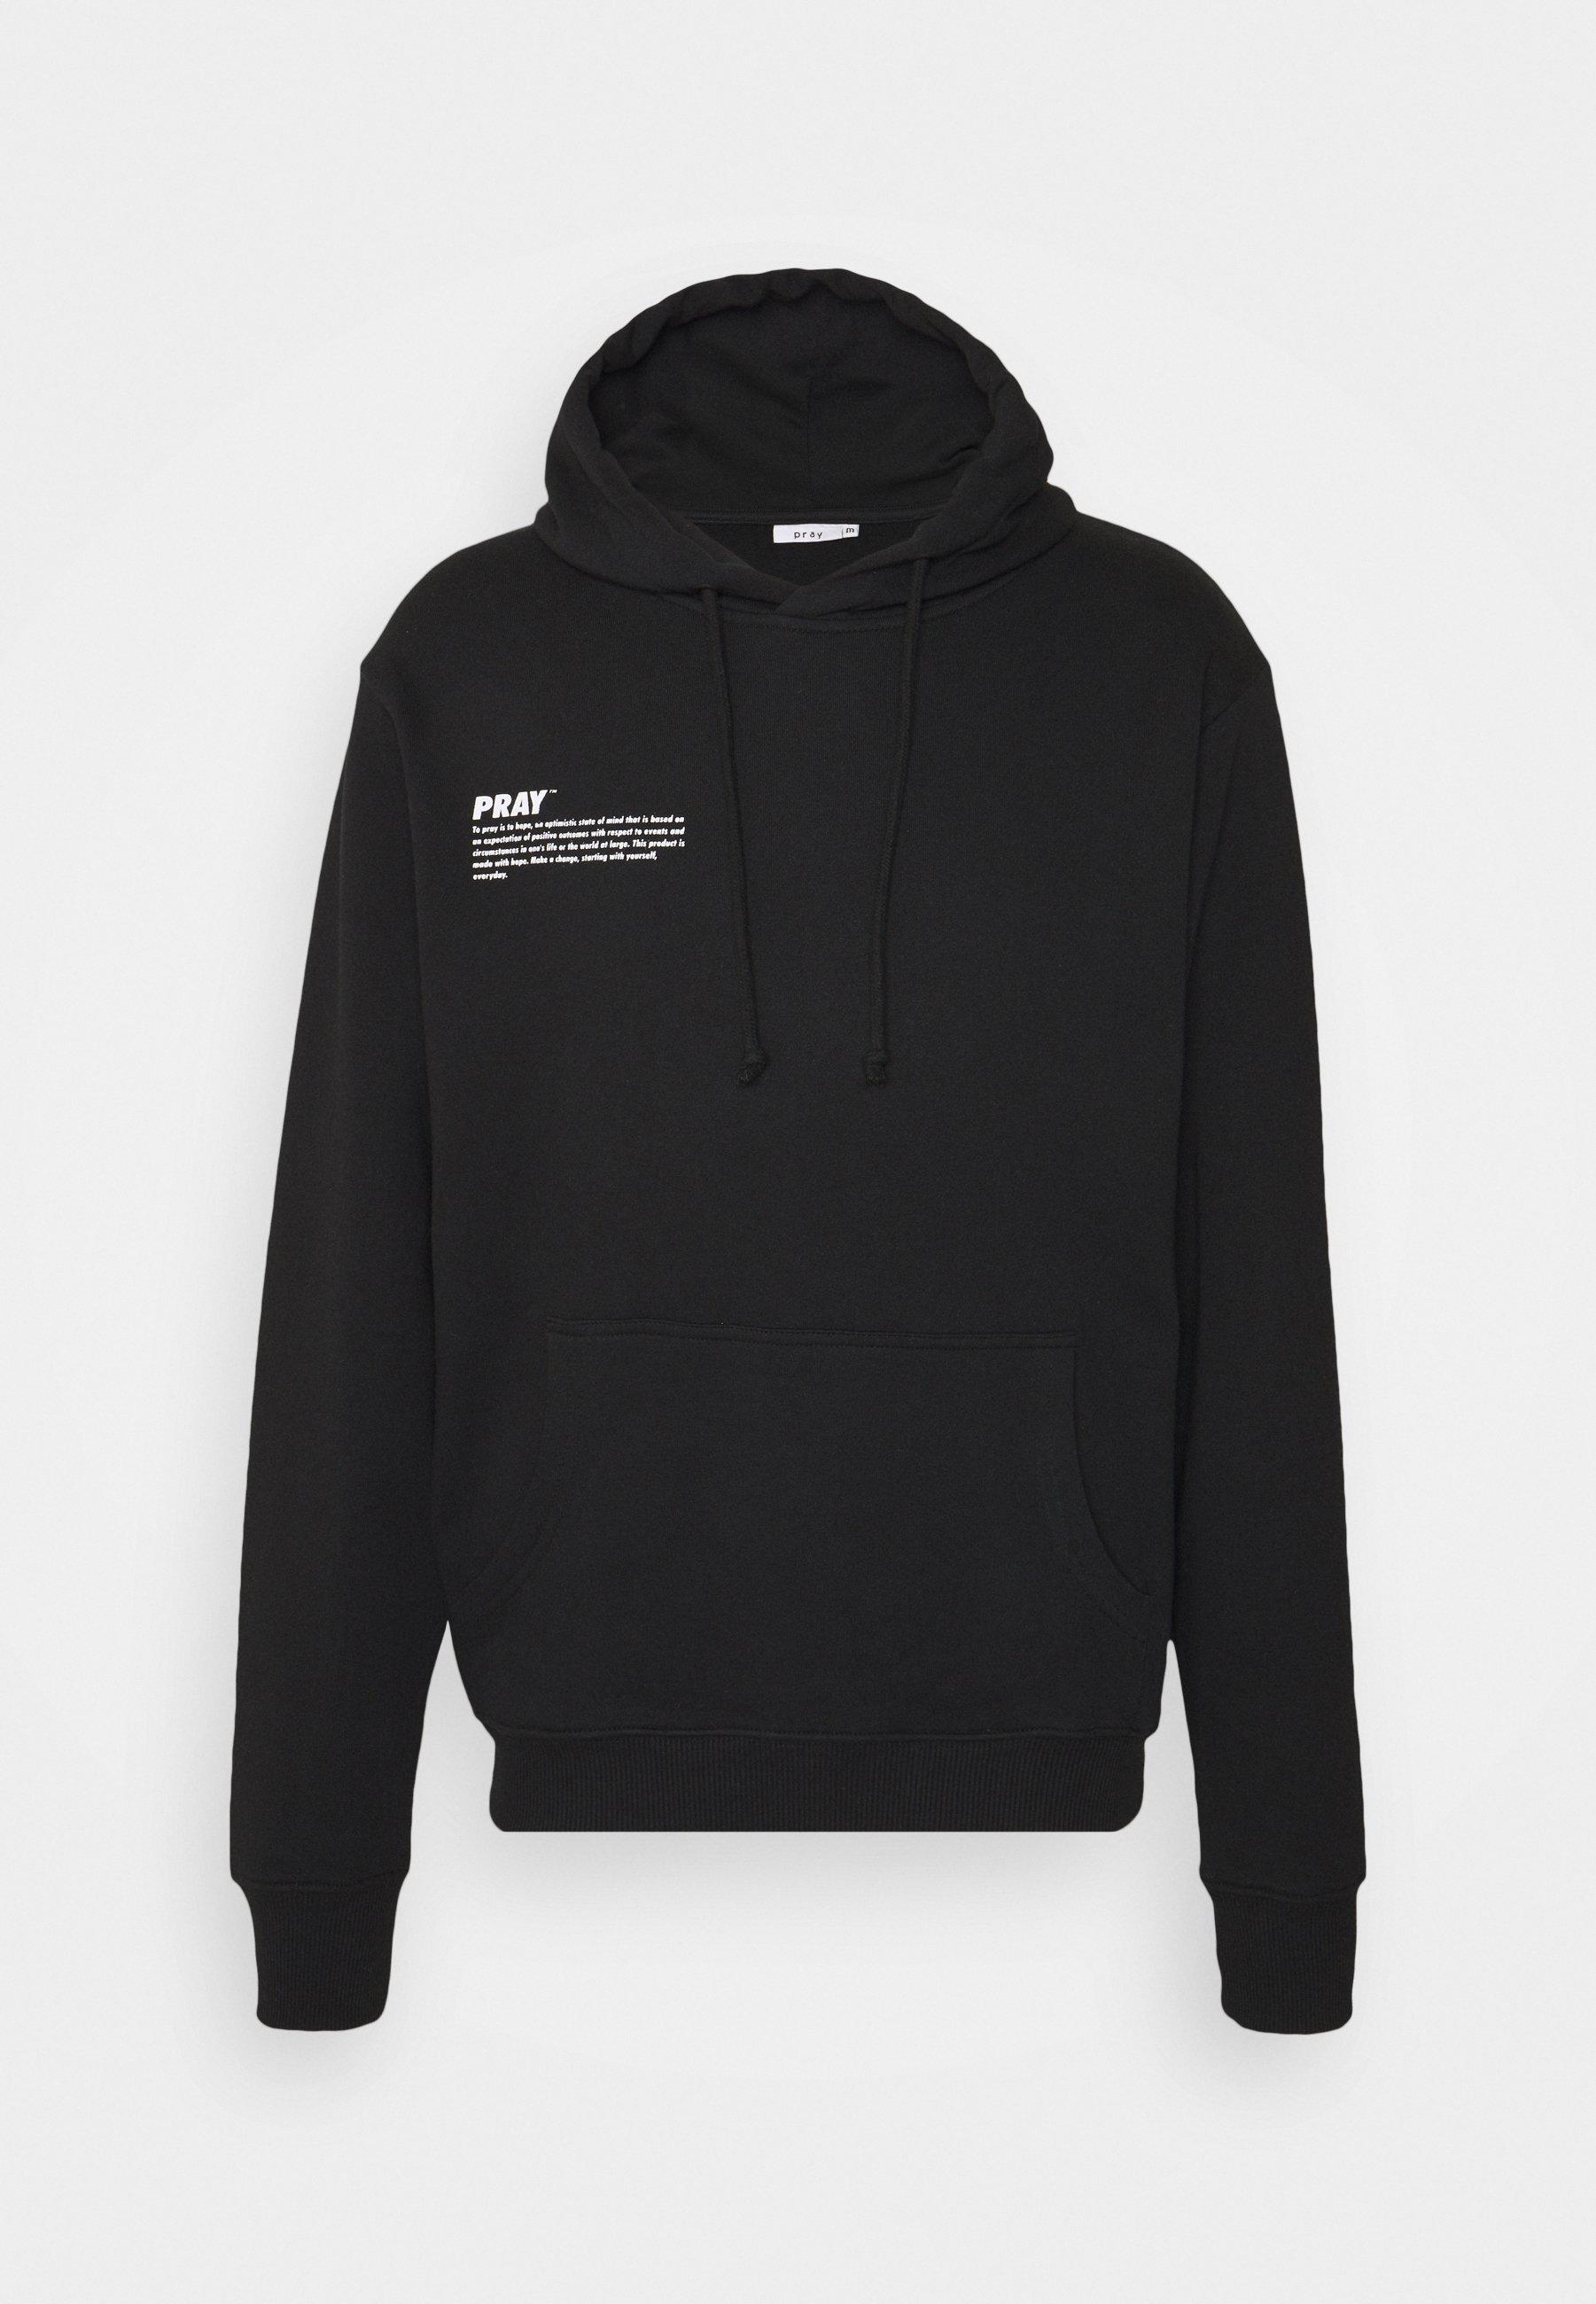 Homme HOPE HOODIE UNISEX  - Sweatshirt